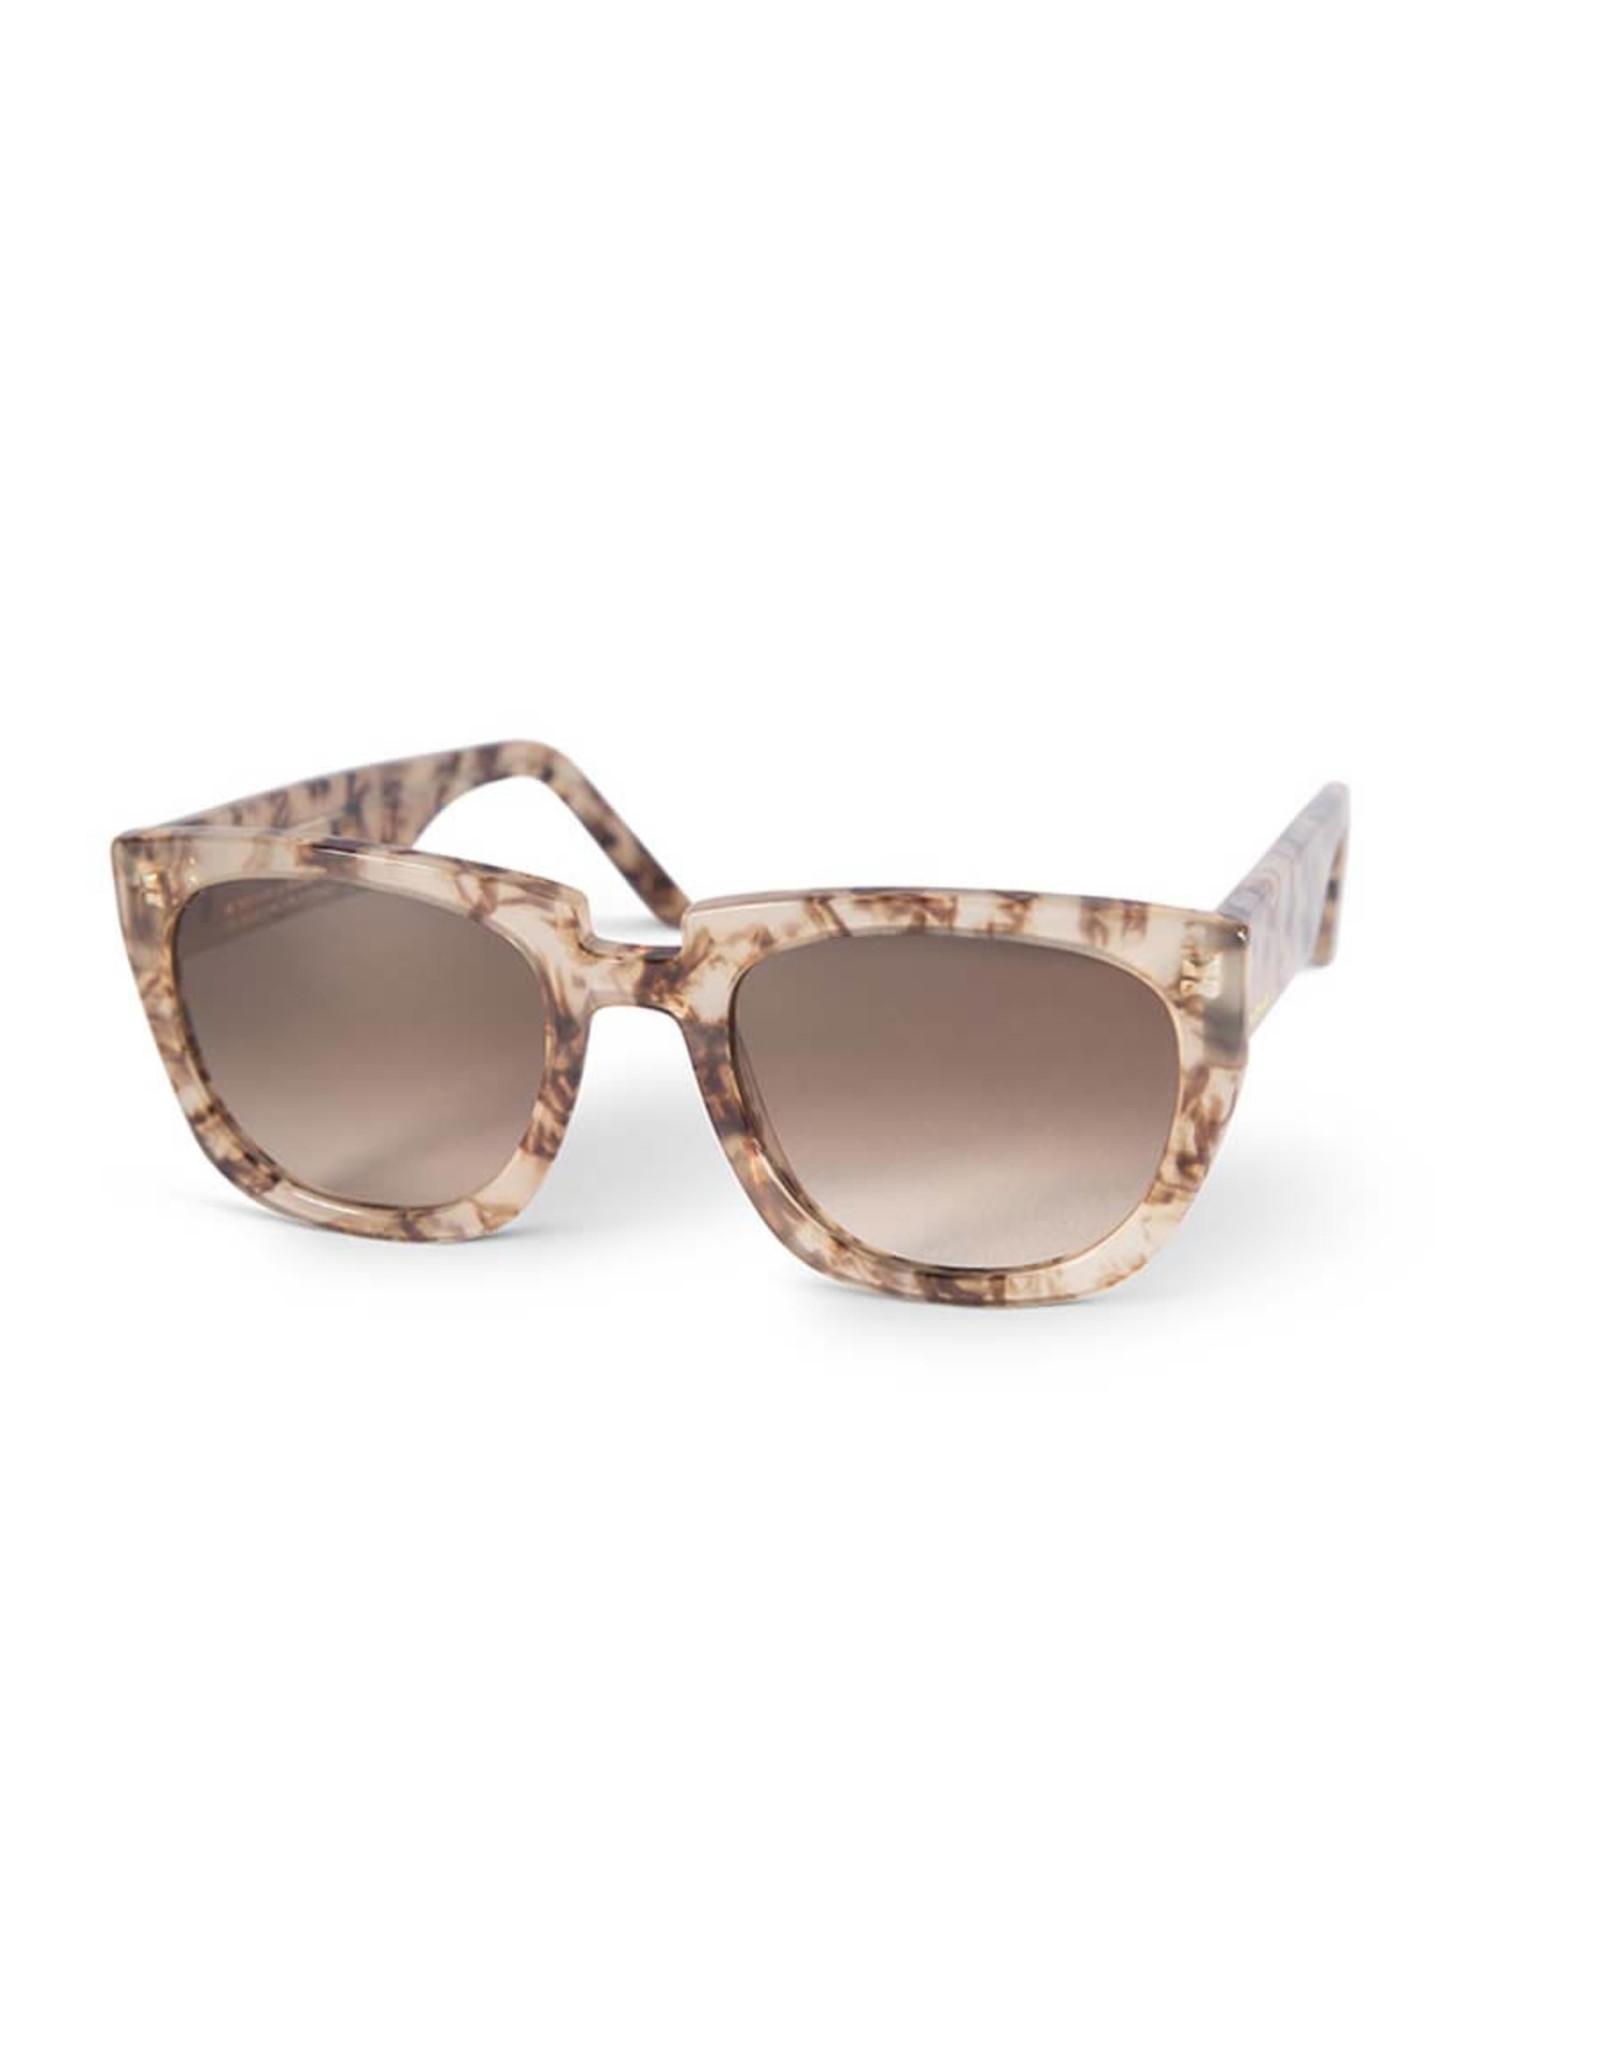 Natan eyewear S54